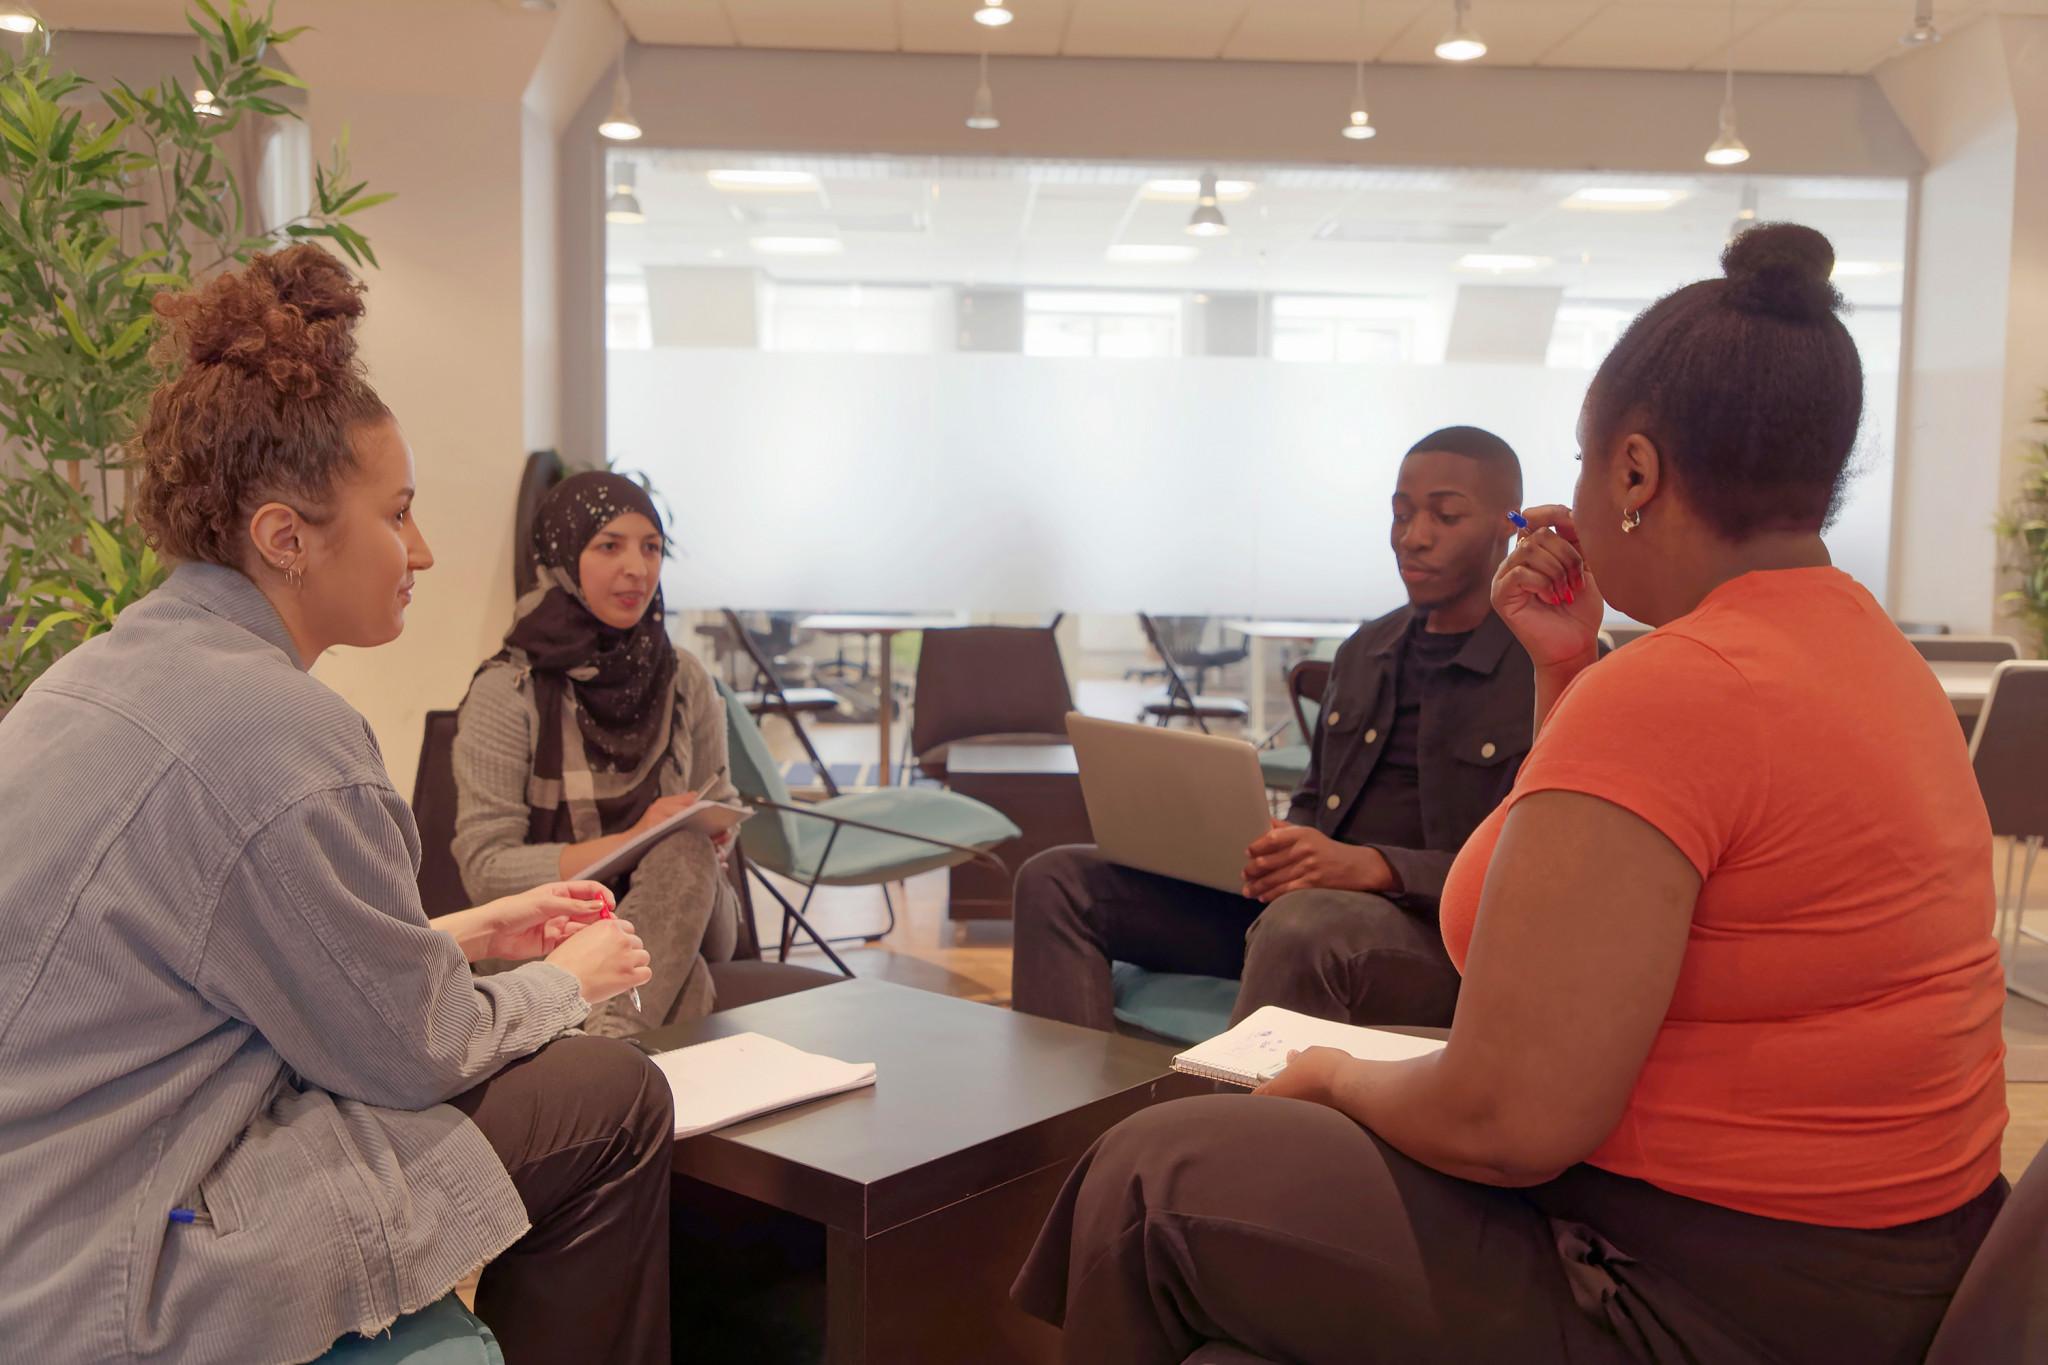 Grupparbete under vuxenutbildning / Svenska för invandrare med mixad etnicitet